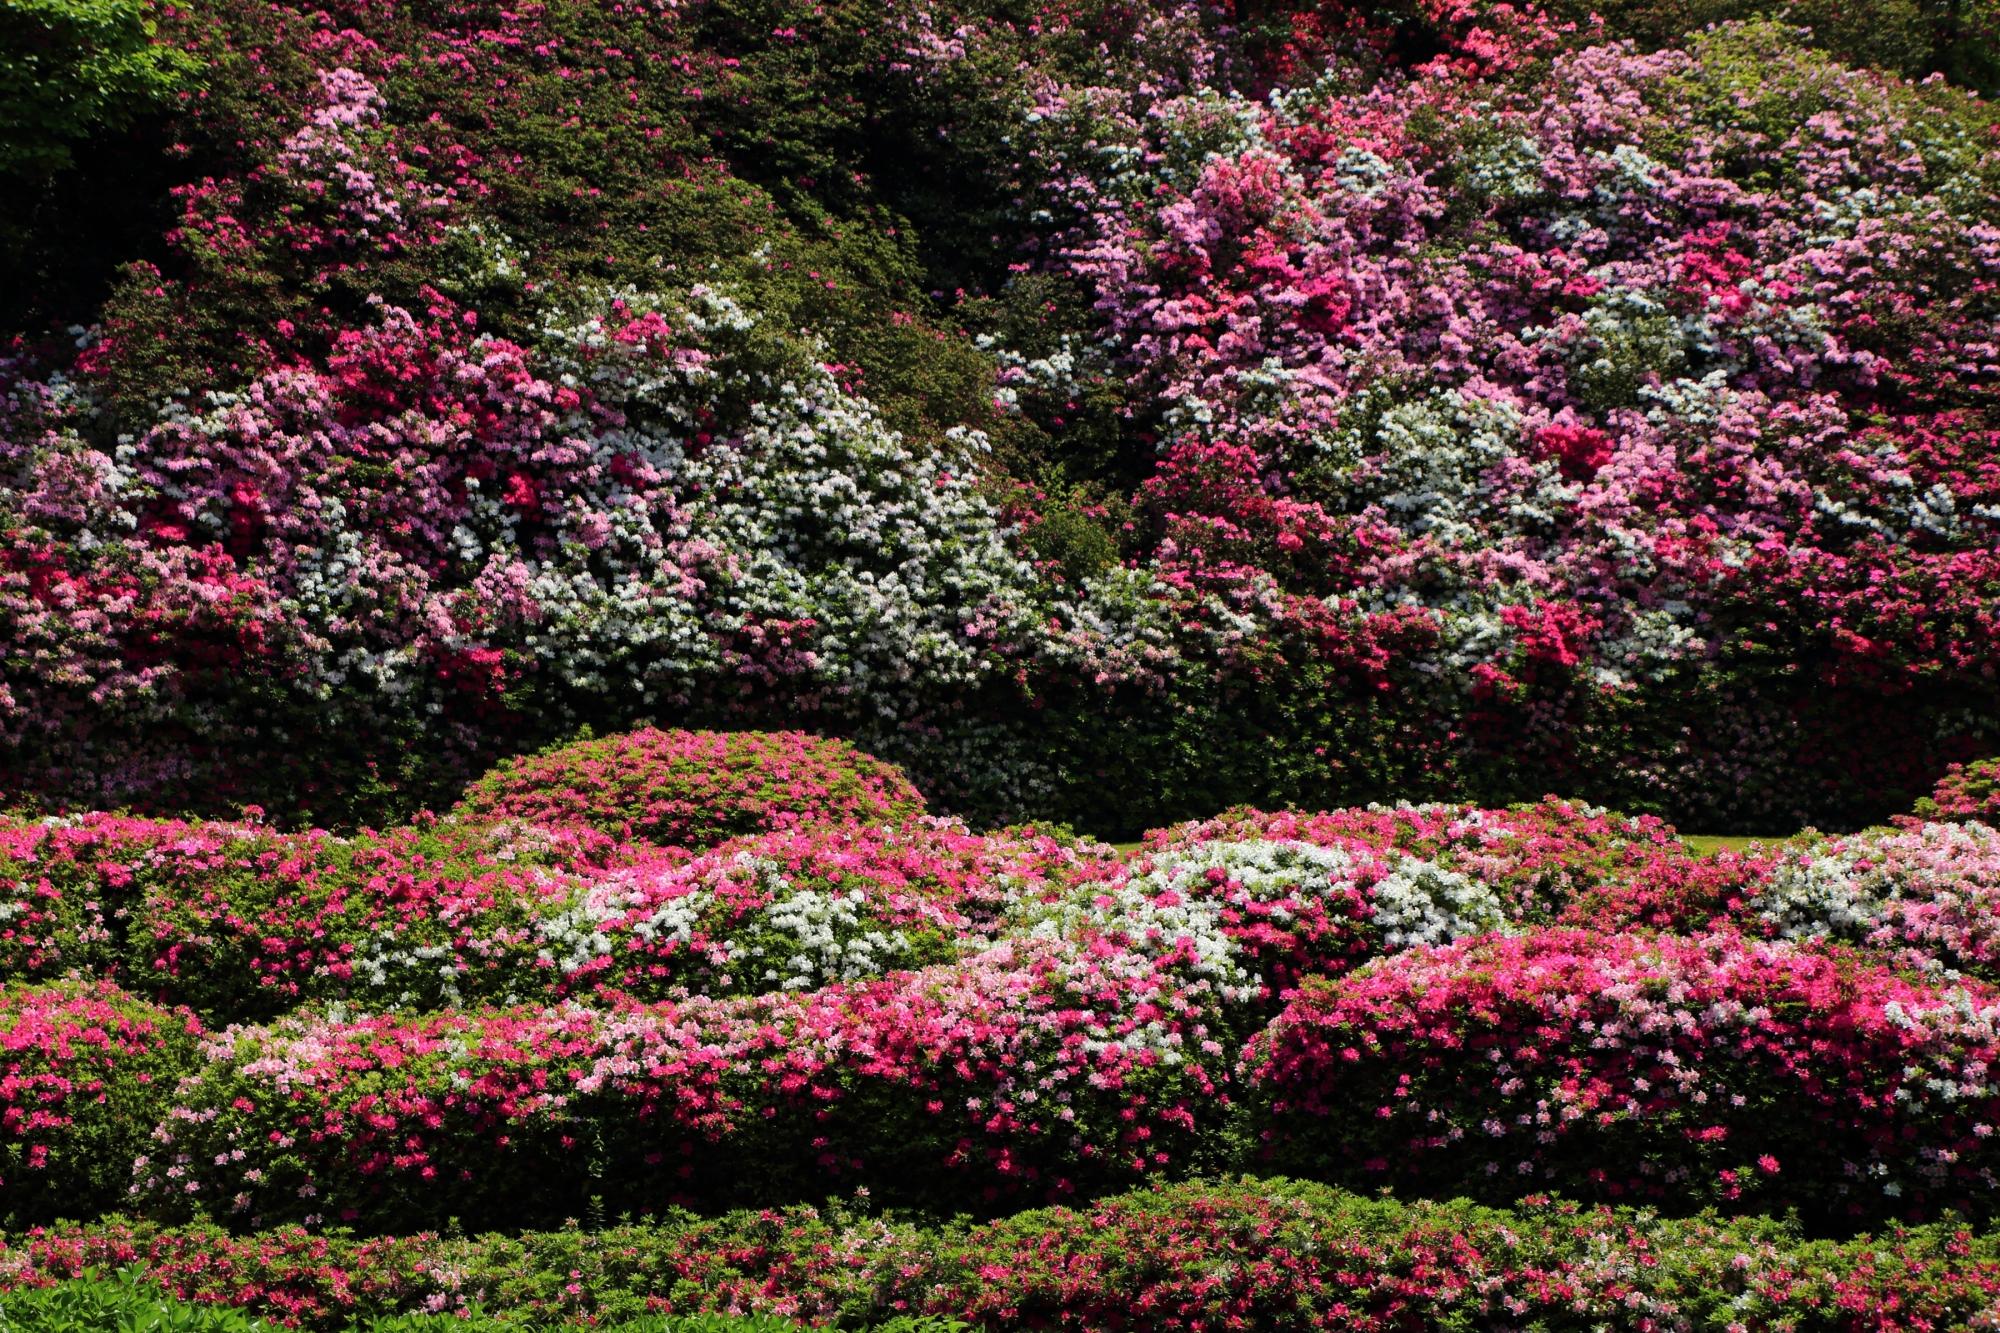 弾けるように咲き乱れる白やピンクや紫などのいろんな色のツツジ